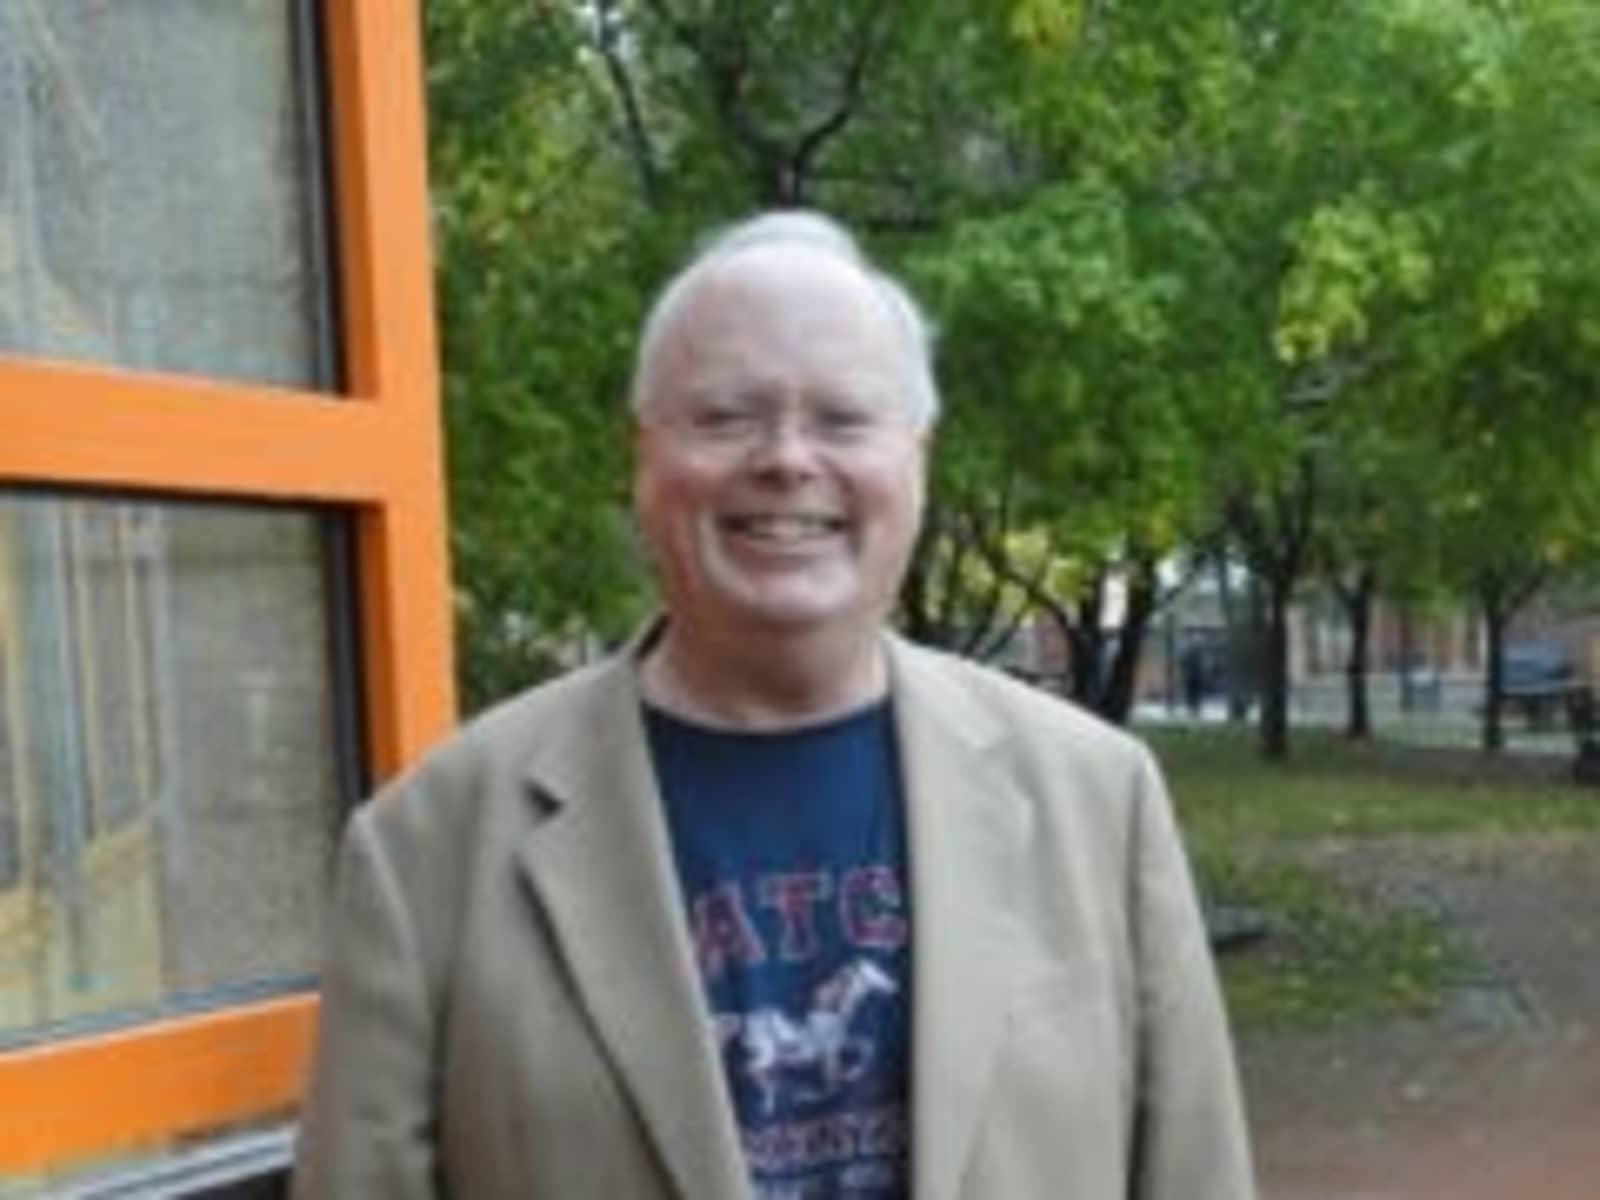 John from Eugene, Oregon, United States